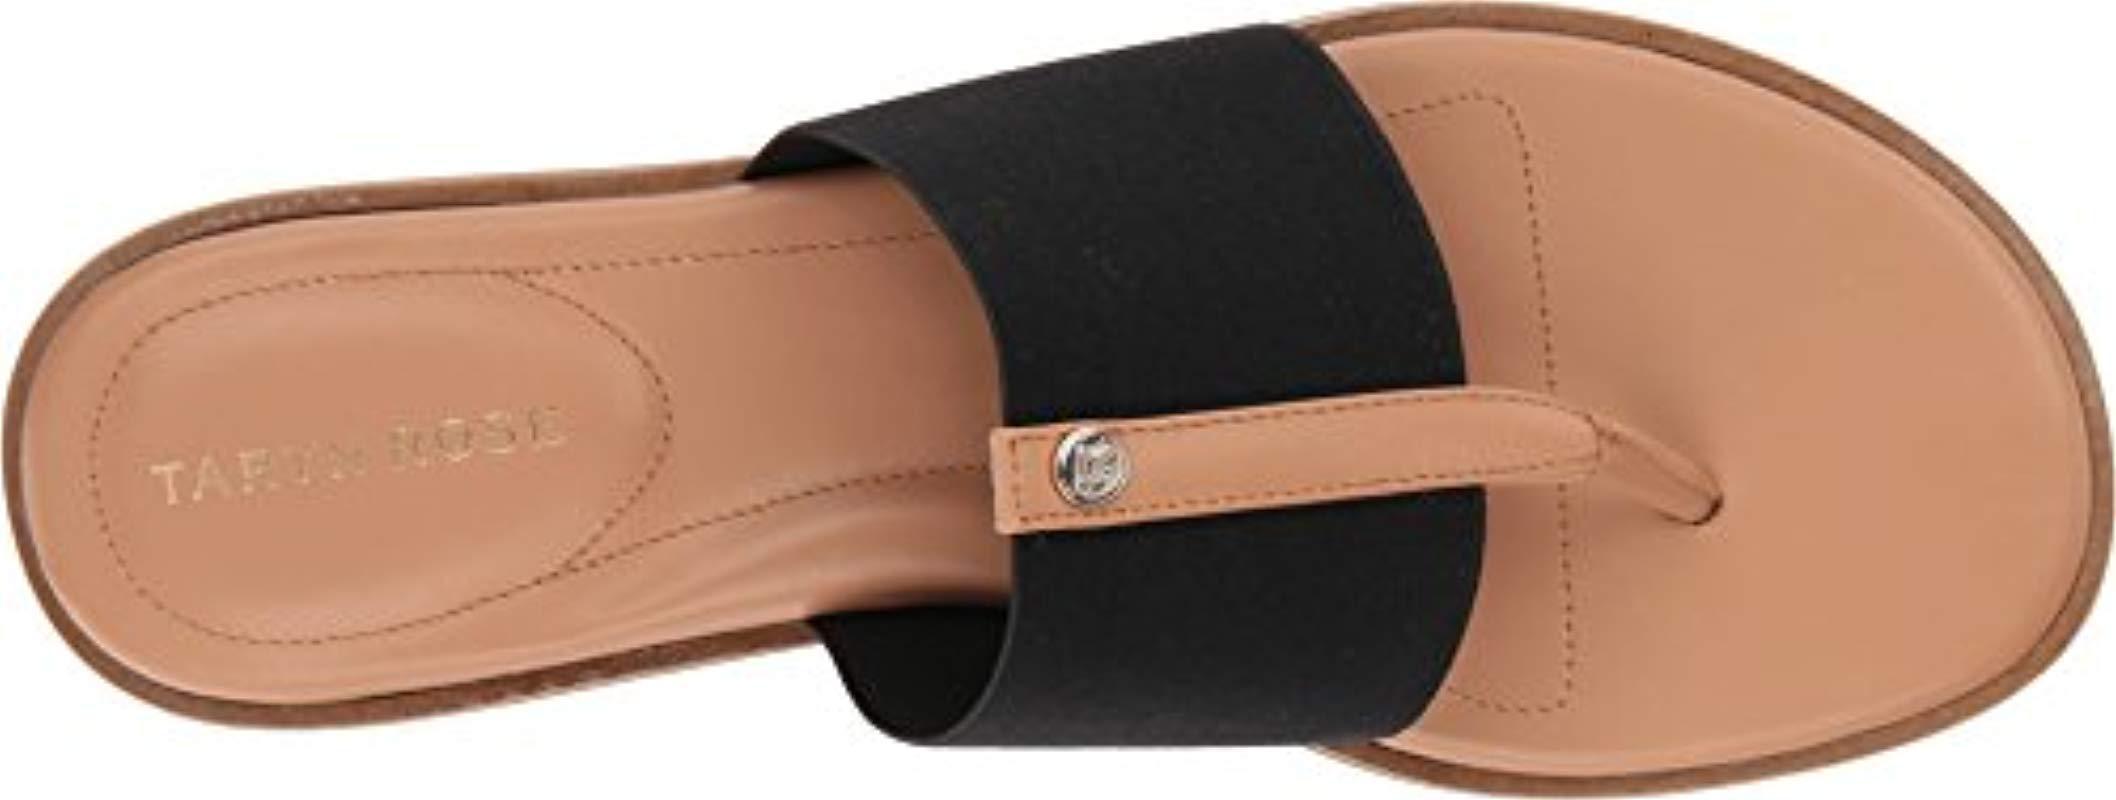 6e924ce94ca Taryn Rose - Black Kamryn Vachetta Flat Sandal - Lyst. View fullscreen